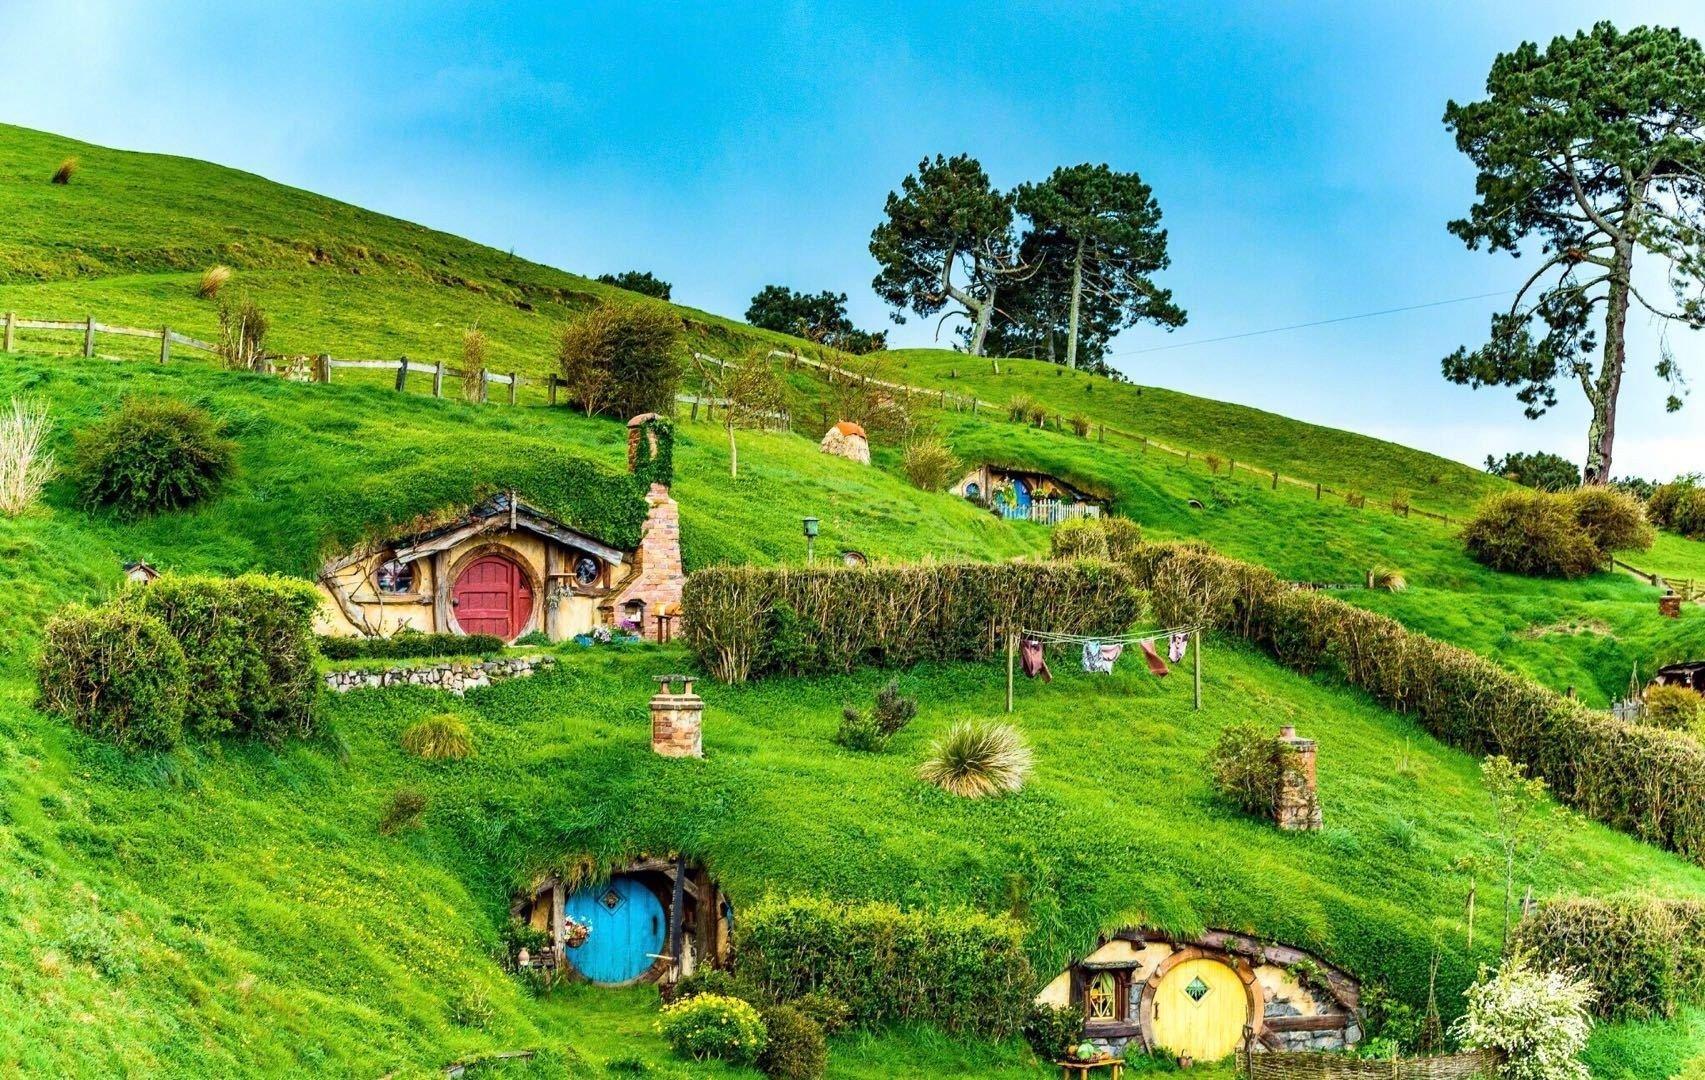 霍比特人村,那让人心驰神往的世外桃源。